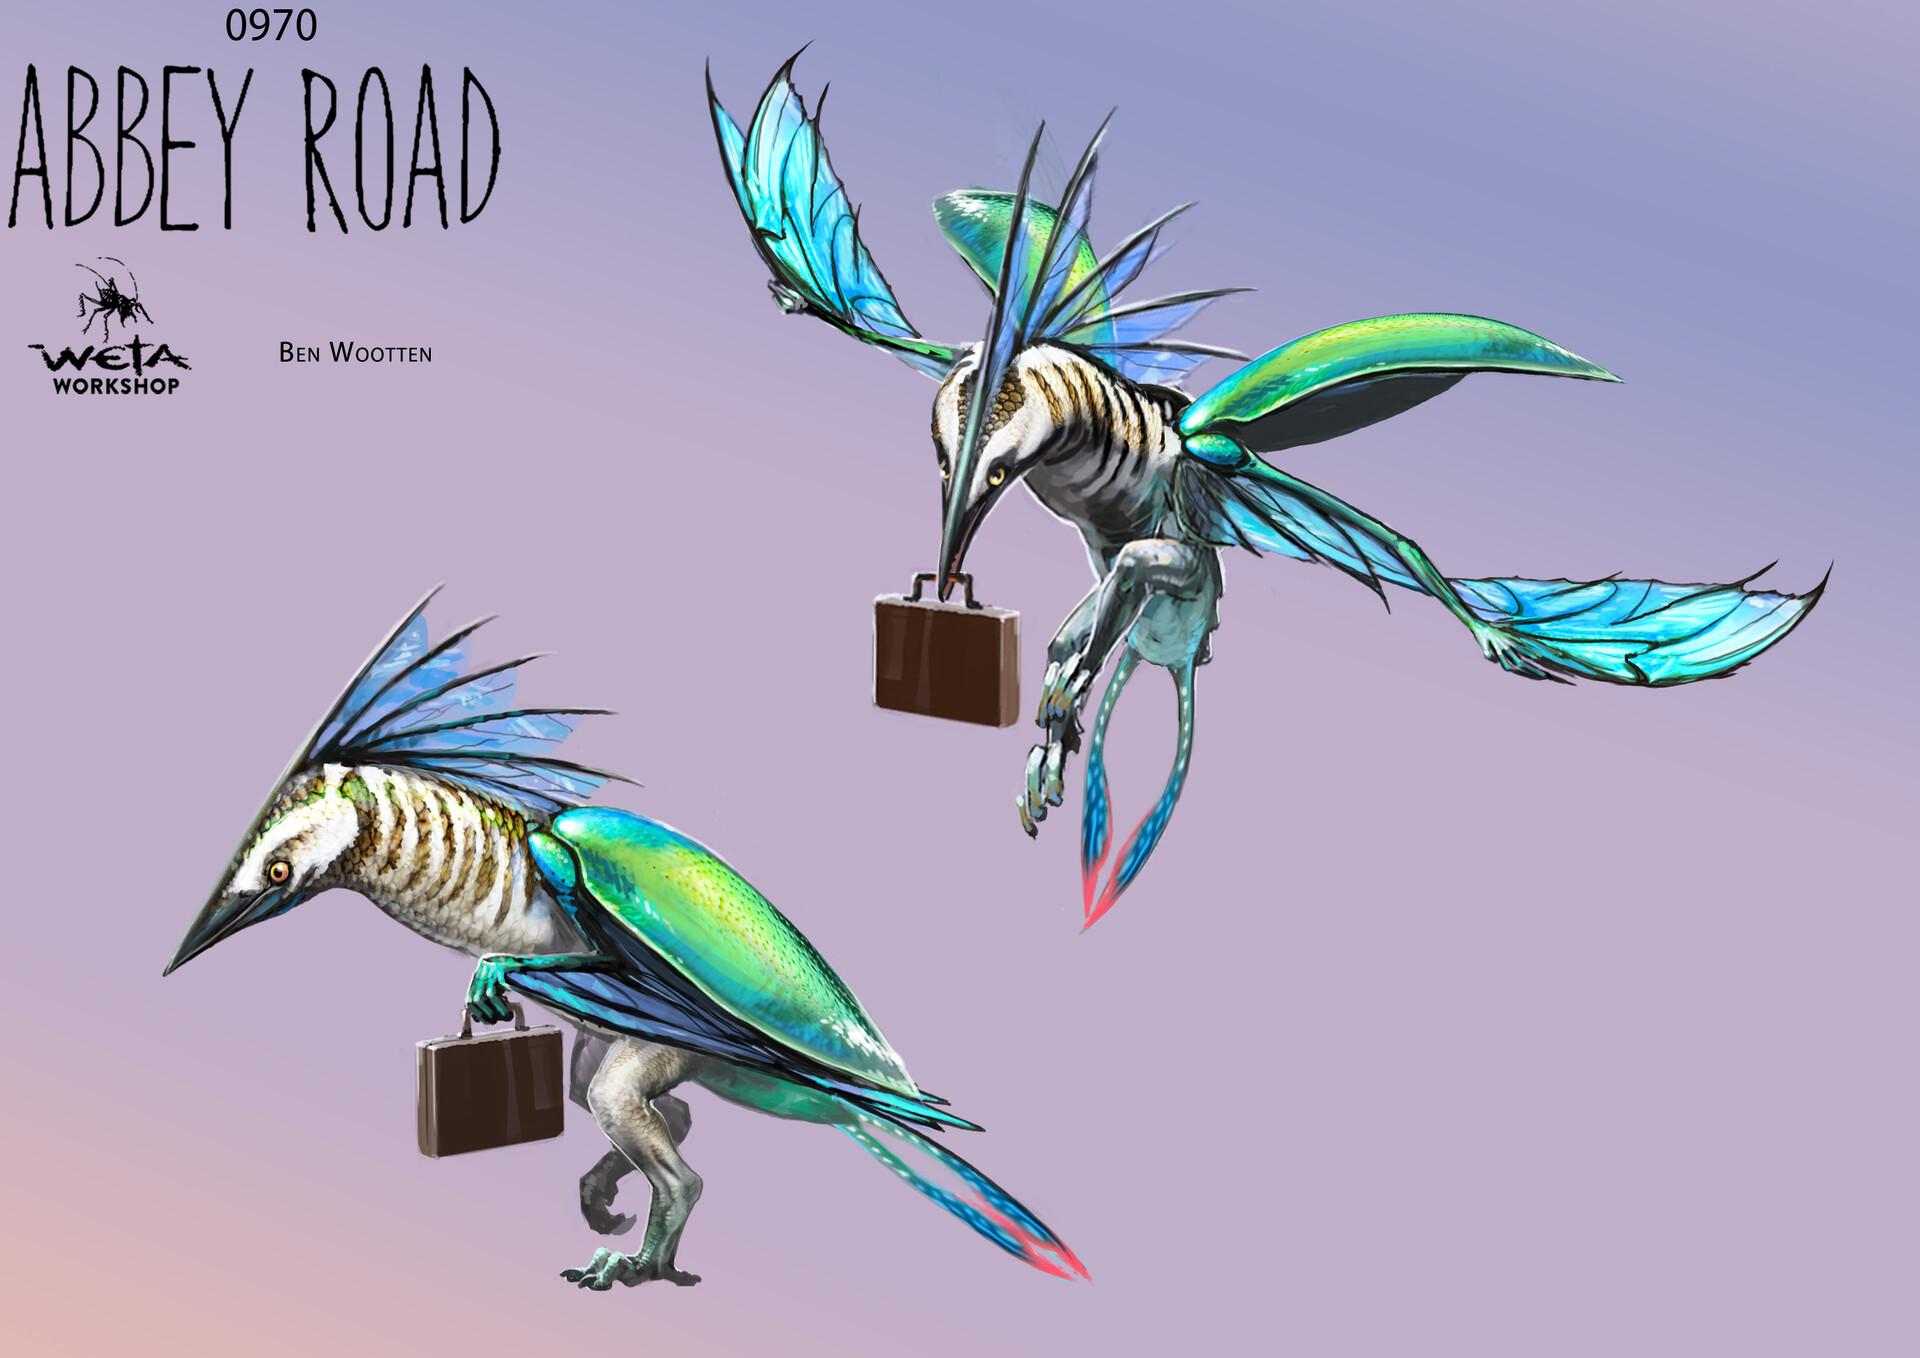 Birdman - Artist: Ben Wootten